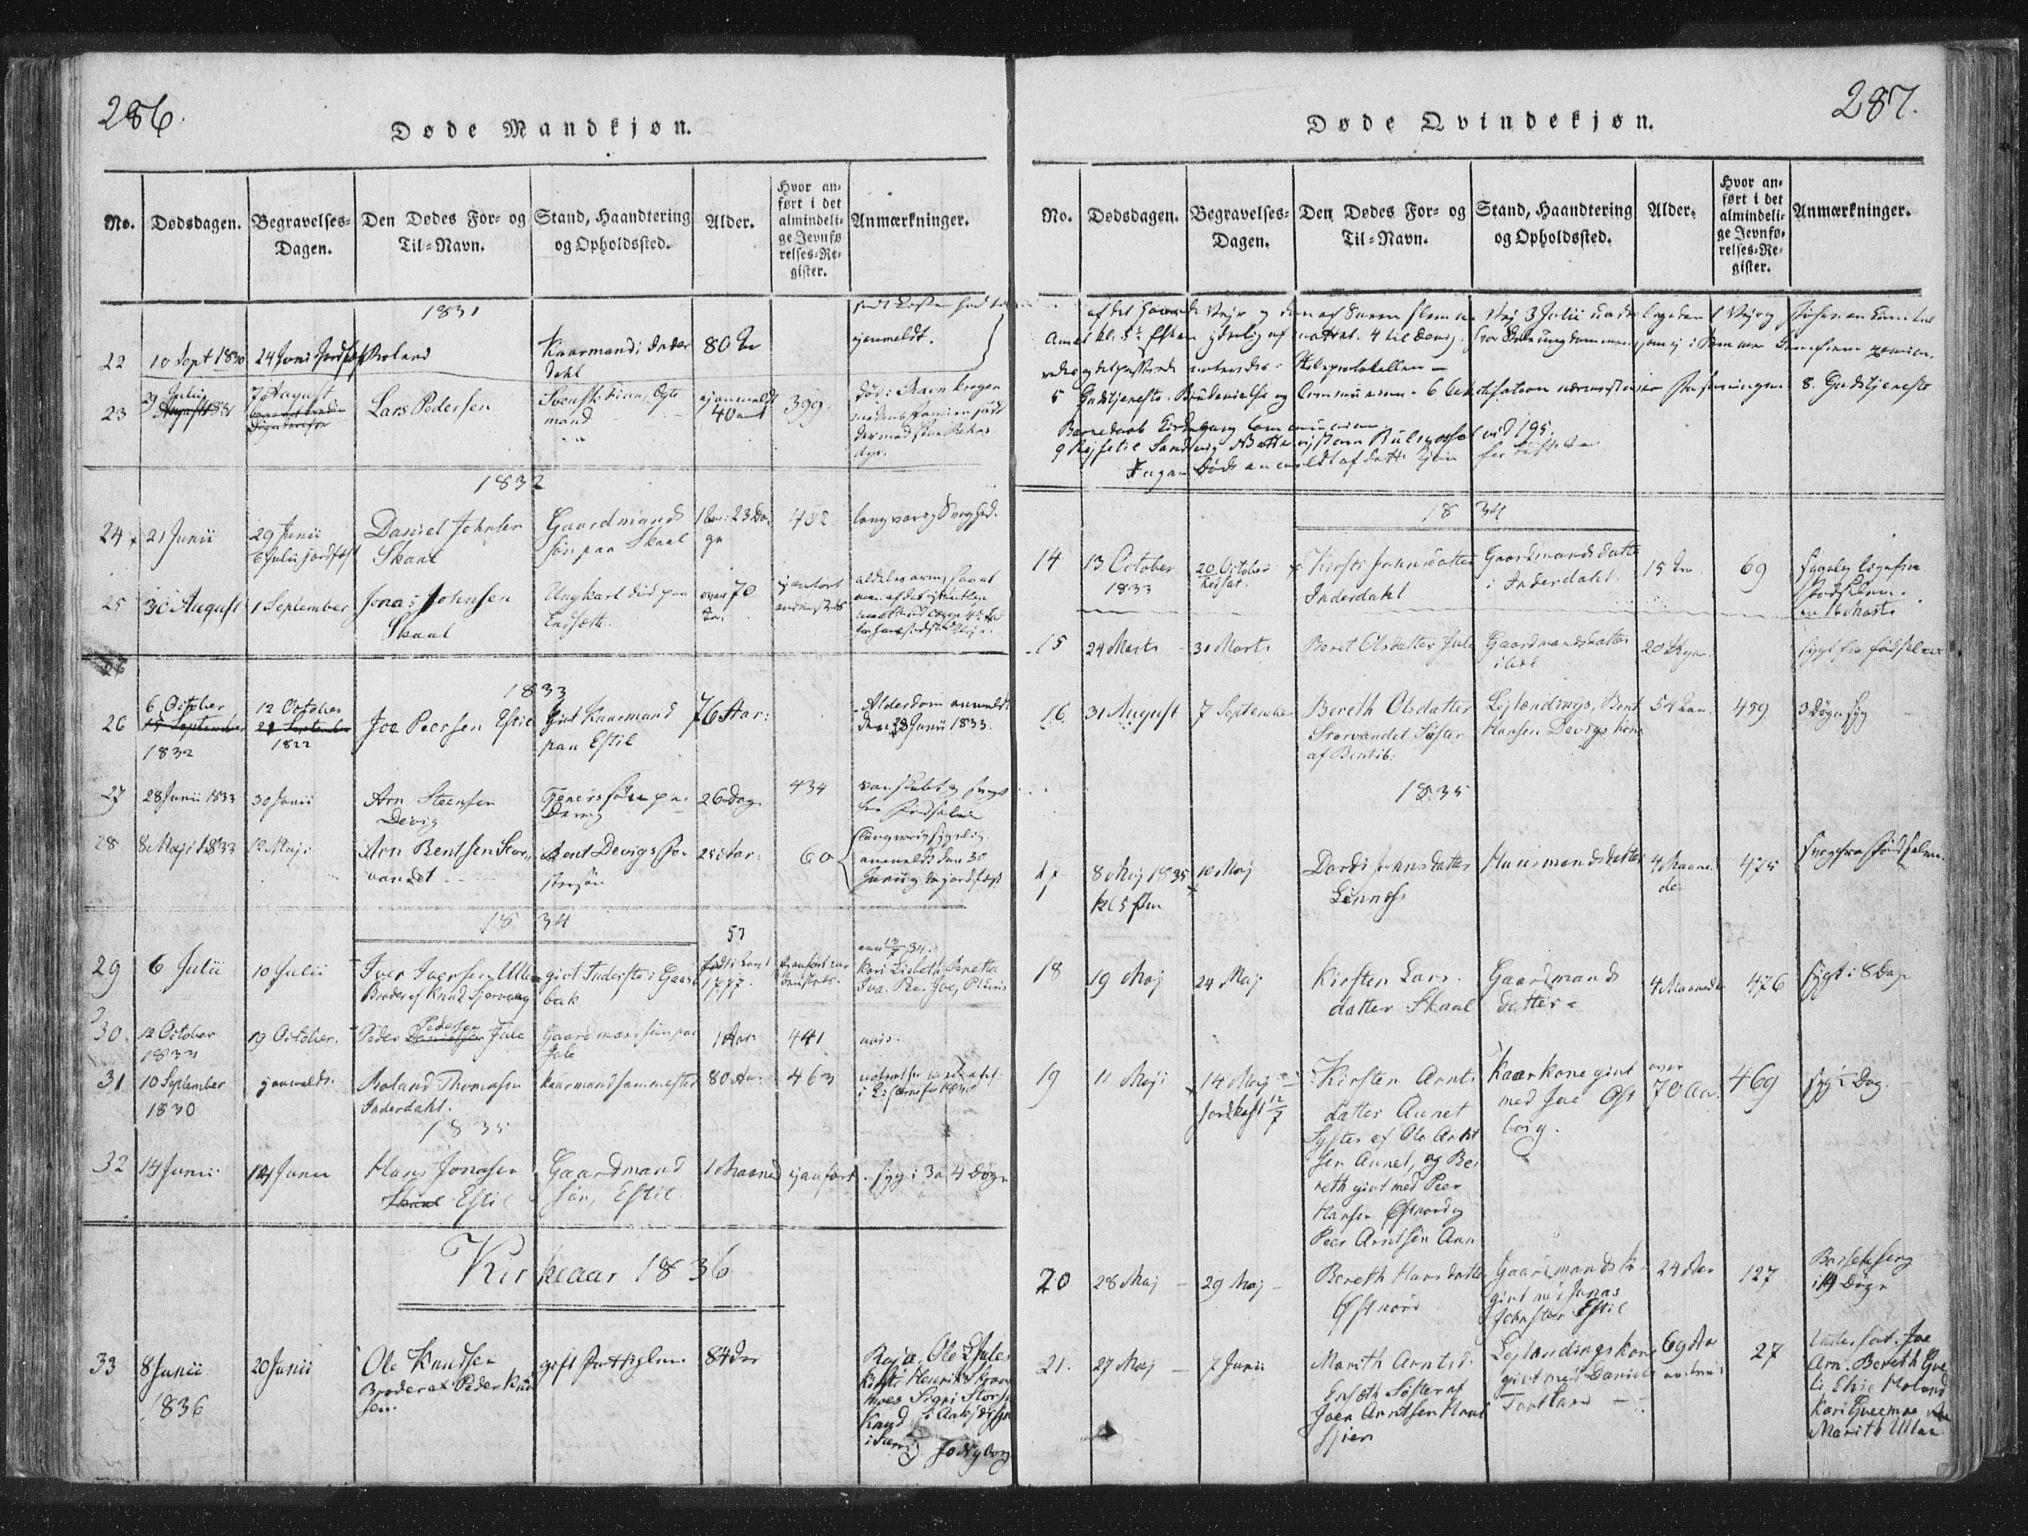 SAT, Ministerialprotokoller, klokkerbøker og fødselsregistre - Nord-Trøndelag, 755/L0491: Ministerialbok nr. 755A01 /2, 1817-1864, s. 286-287